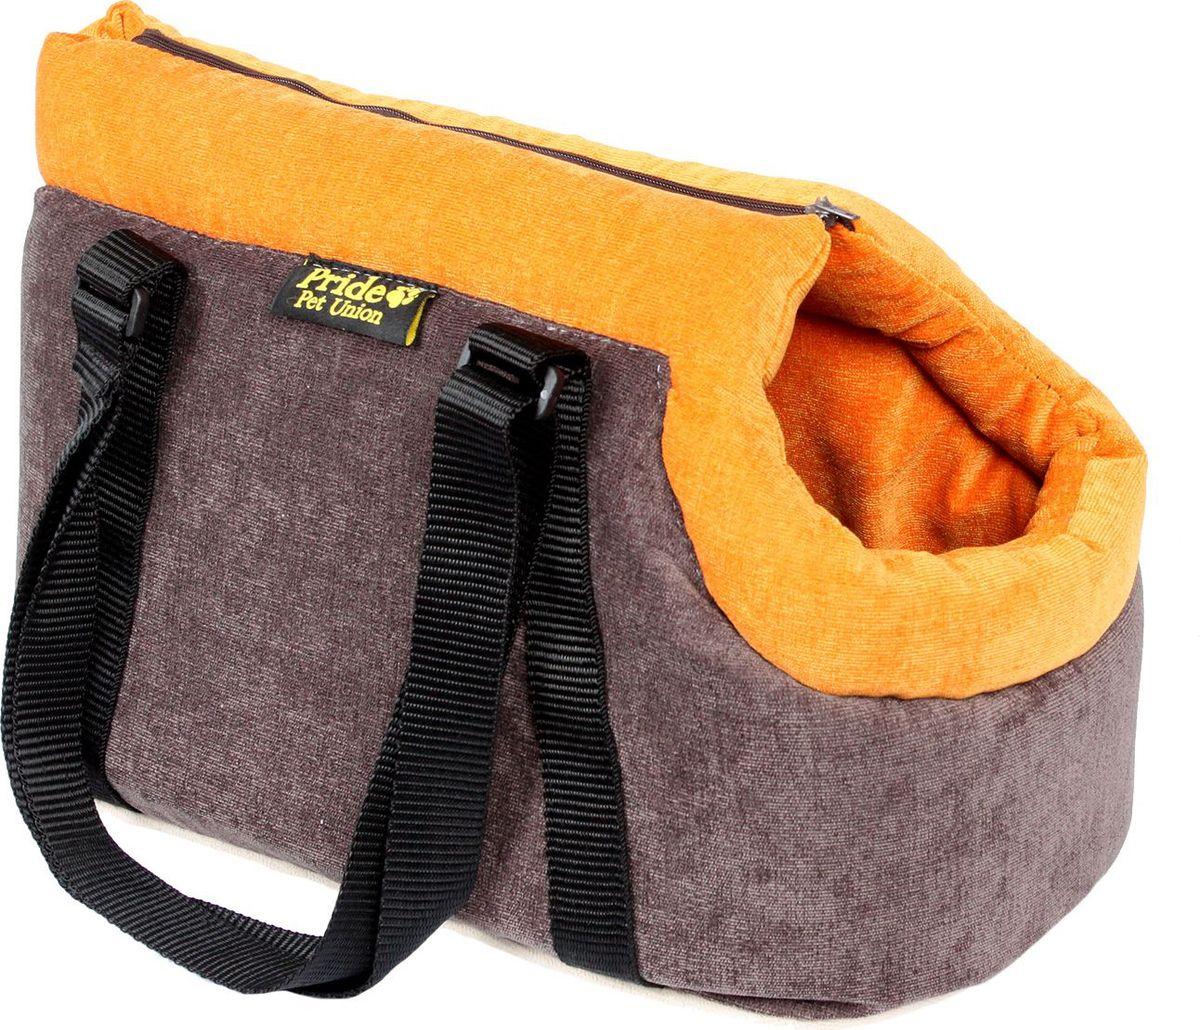 Сумка для животных Pride Трэвел. Апельсин, 30 х 20 х 20 см. 10051233 сумка для животных кантри pride 37х 22 х 21см